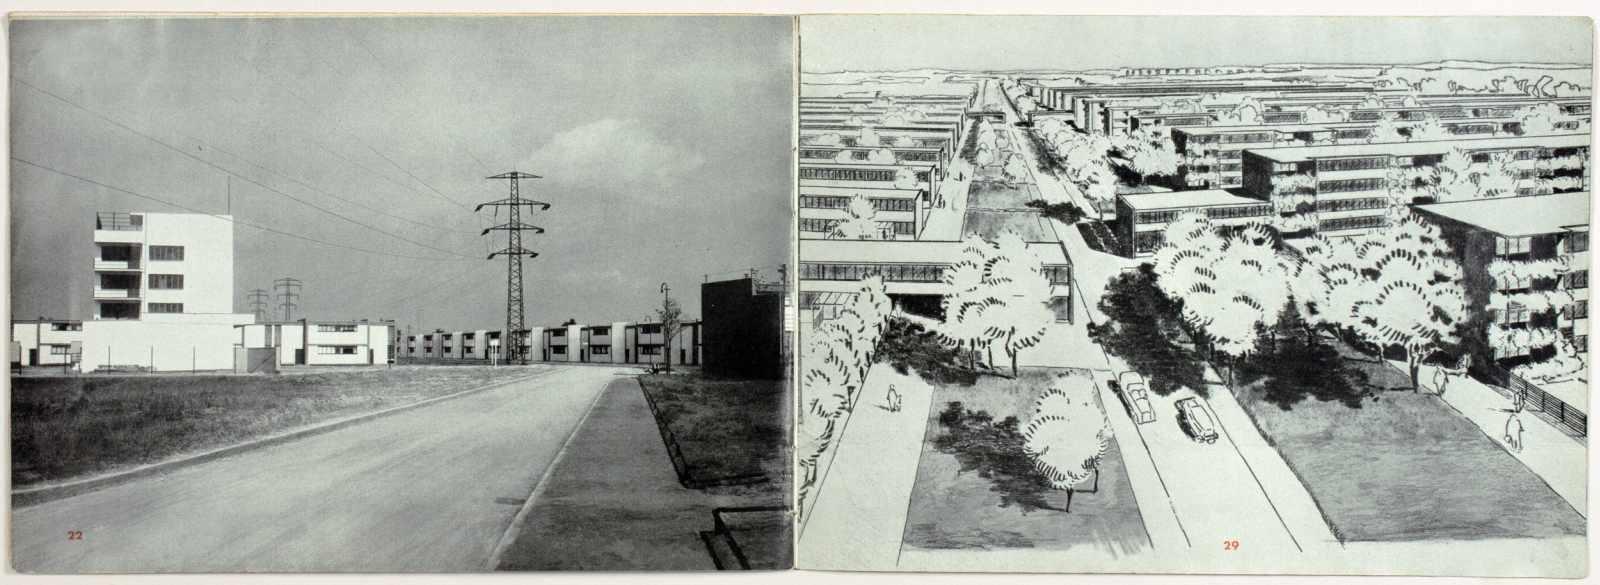 Laszlo Moholy-Nagy - Ausstellung Walter Gropius. Zeichnungen, Fotos, Modelle in der ständigen - Image 6 of 8